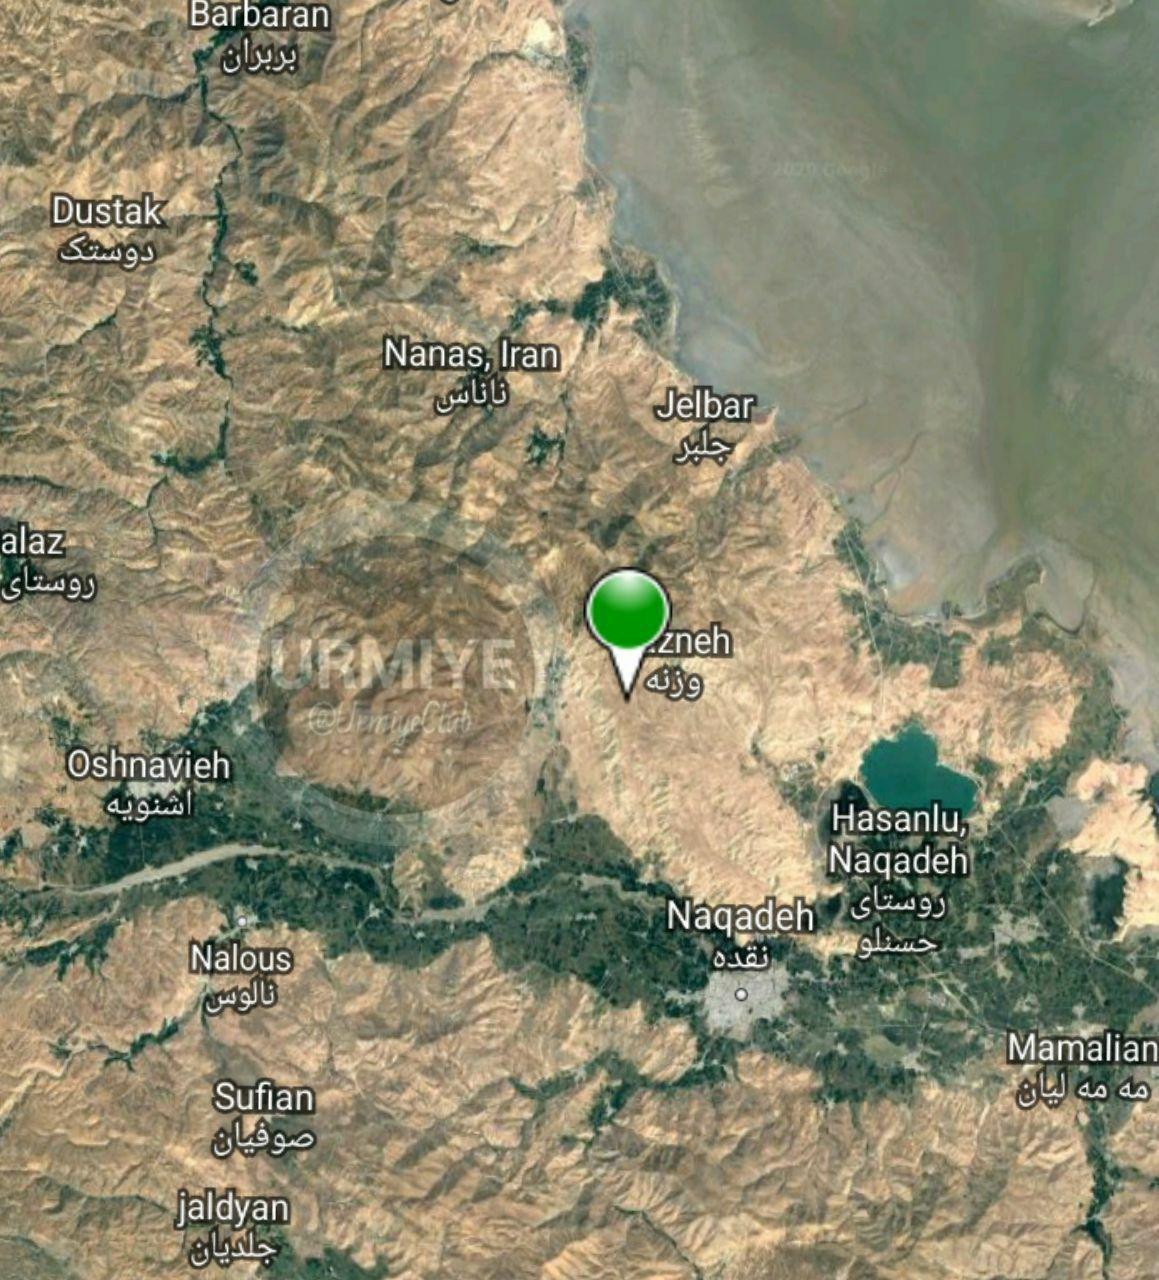 اولین تصویر ماهواره ای از محل وقوع زلزله